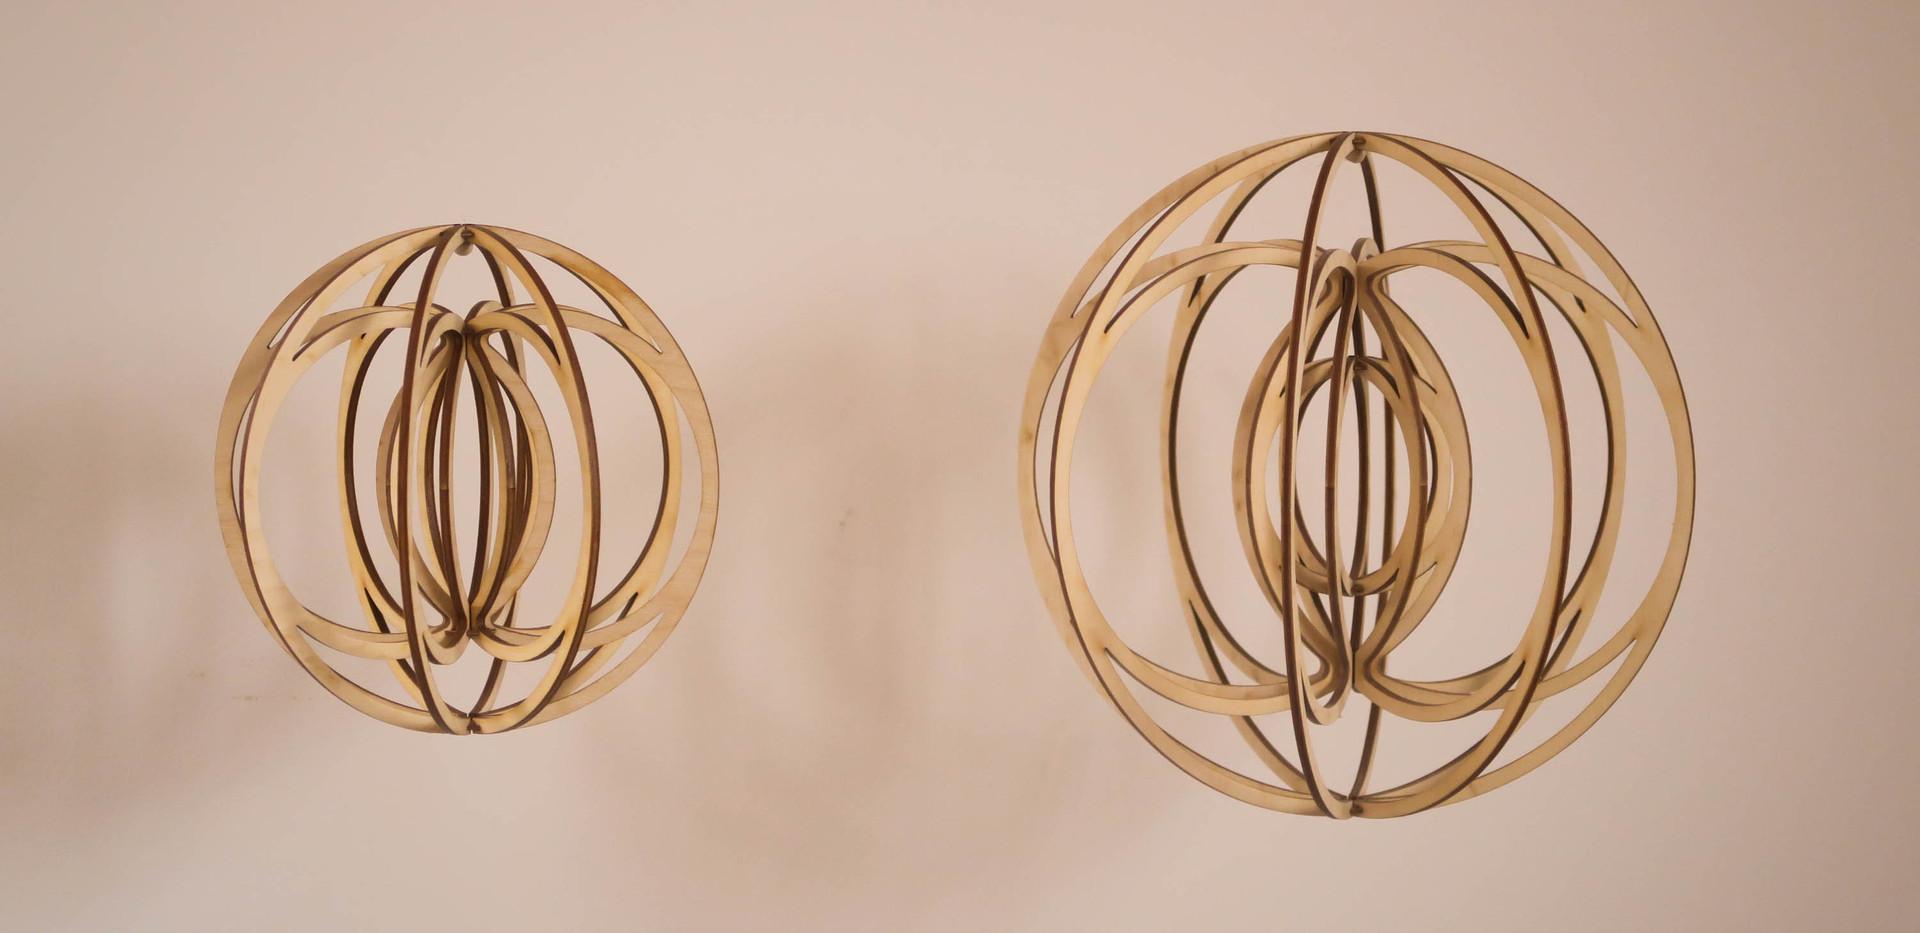 Circles in Circles n1 - small & medium